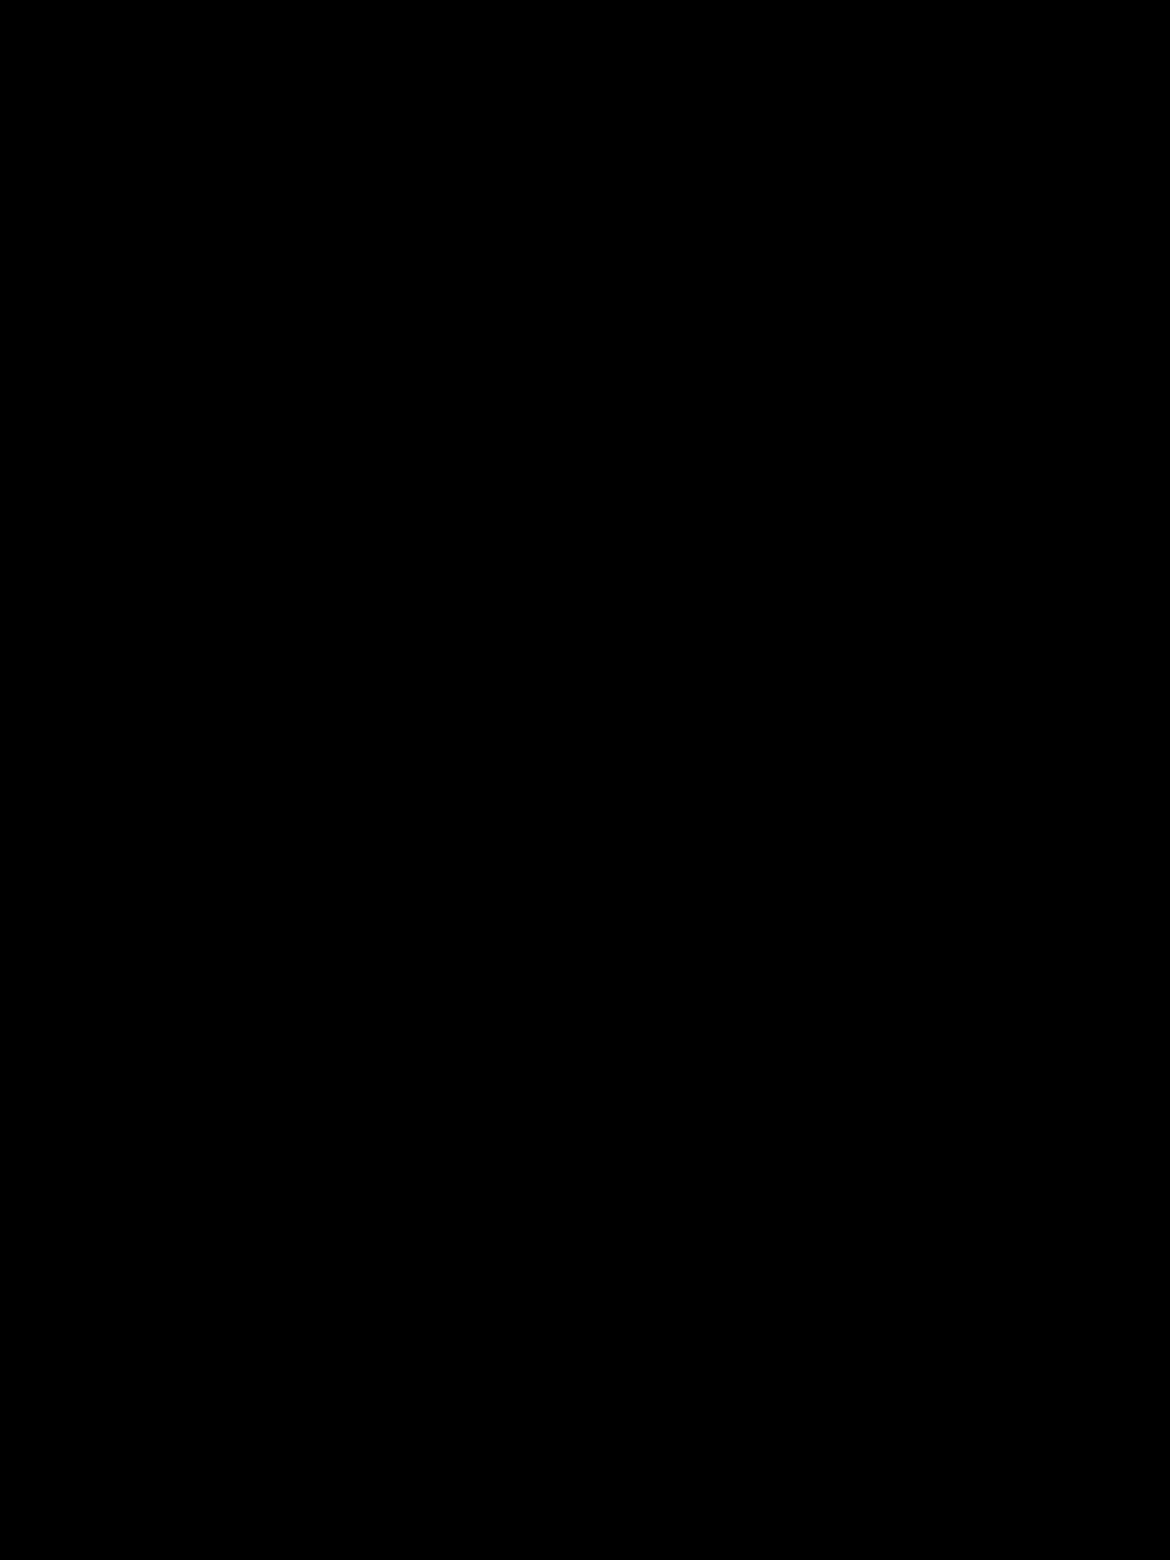 Una settimana in Giappone - Il mio itinerario by Laura Comolli - Hote-ya Yufu Laura Comolli dorme sul futon giapponese nel ryokan